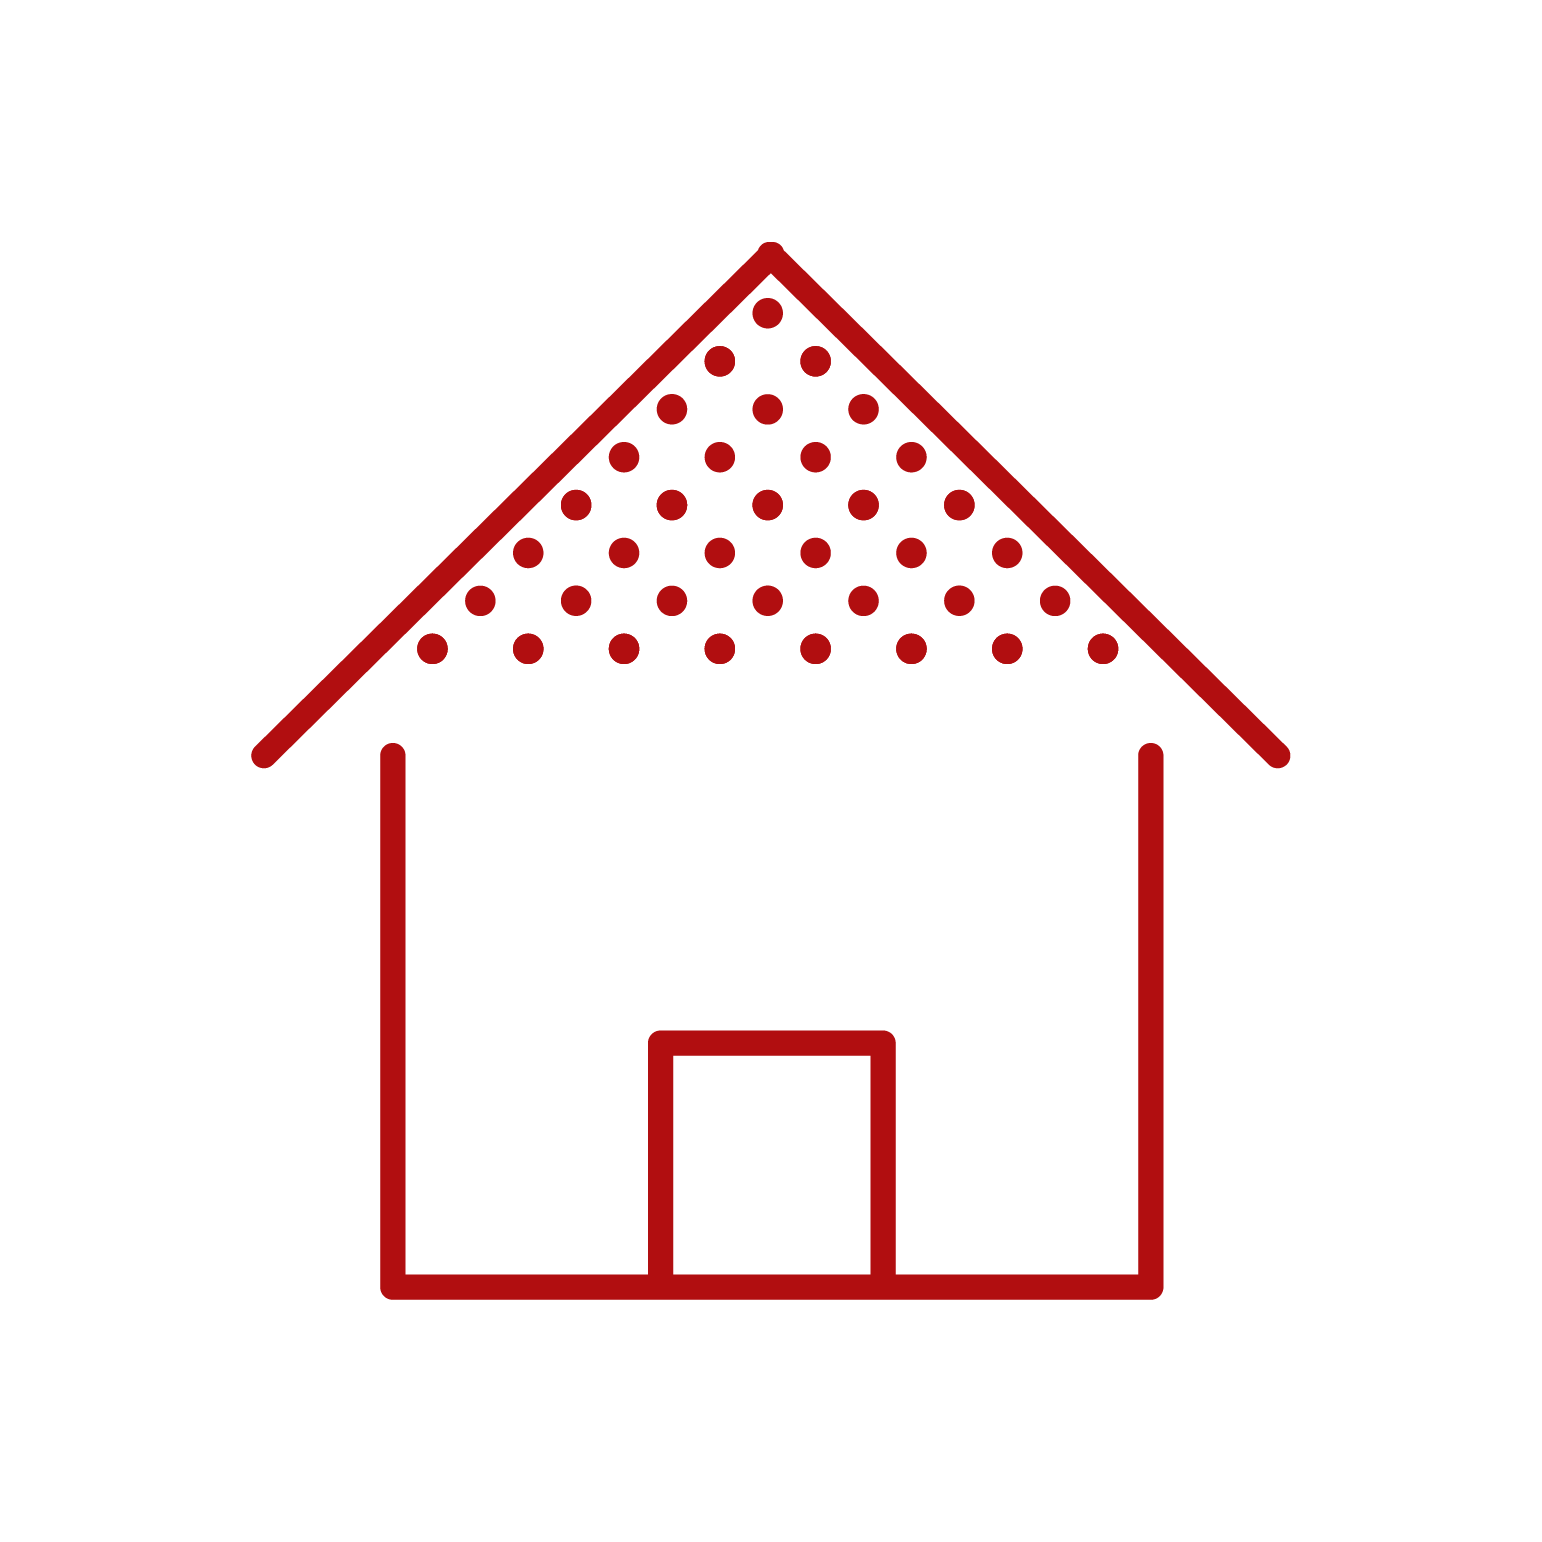 casa bombolette spray ambrosol